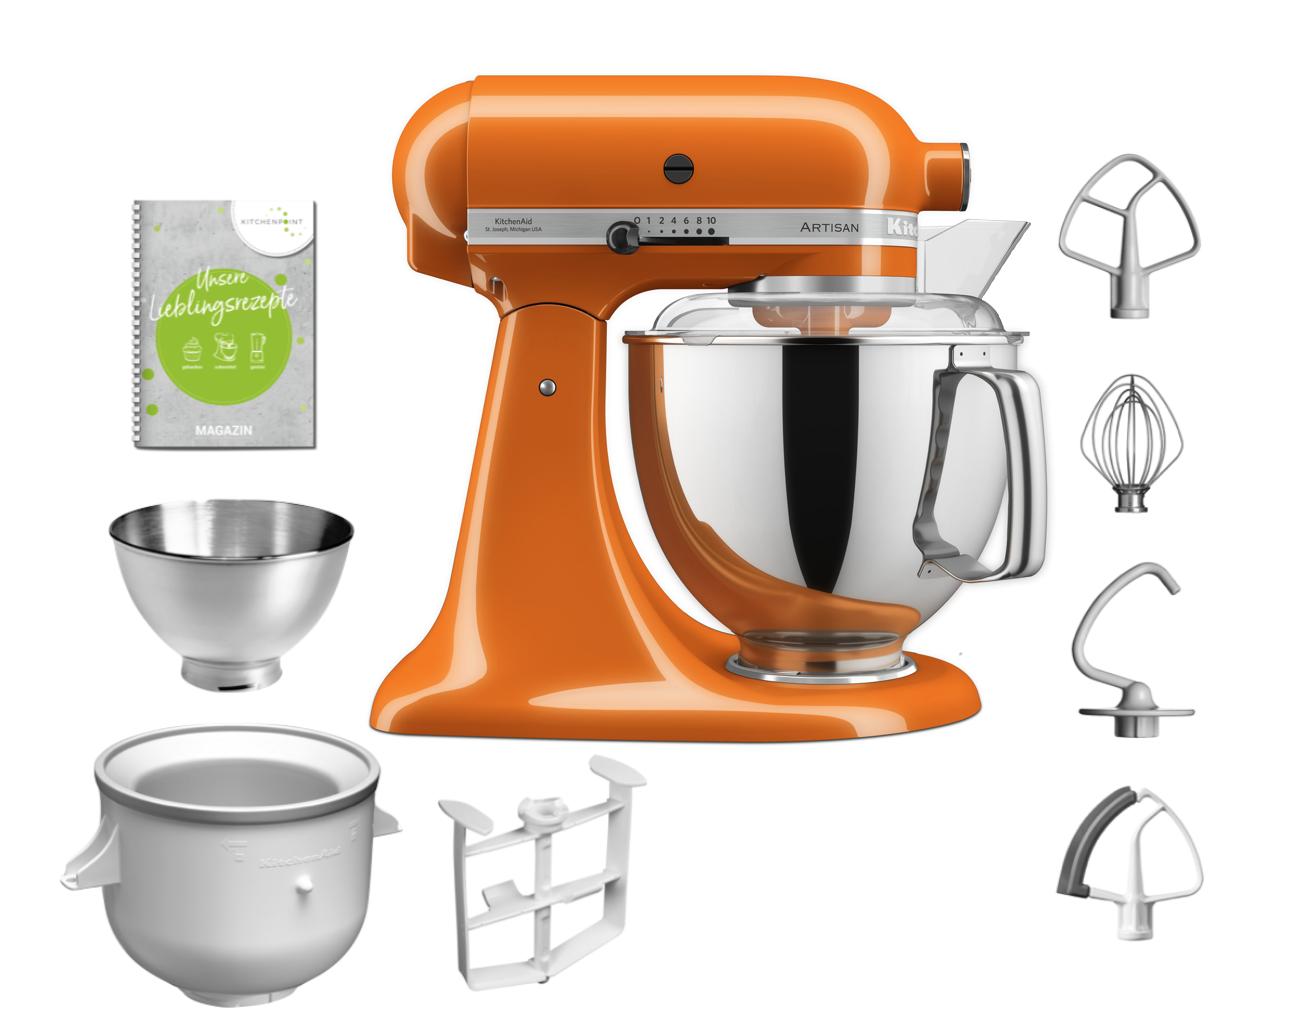 KitchenAid Küchenmaschine 175 - Eis Set Honey Orange